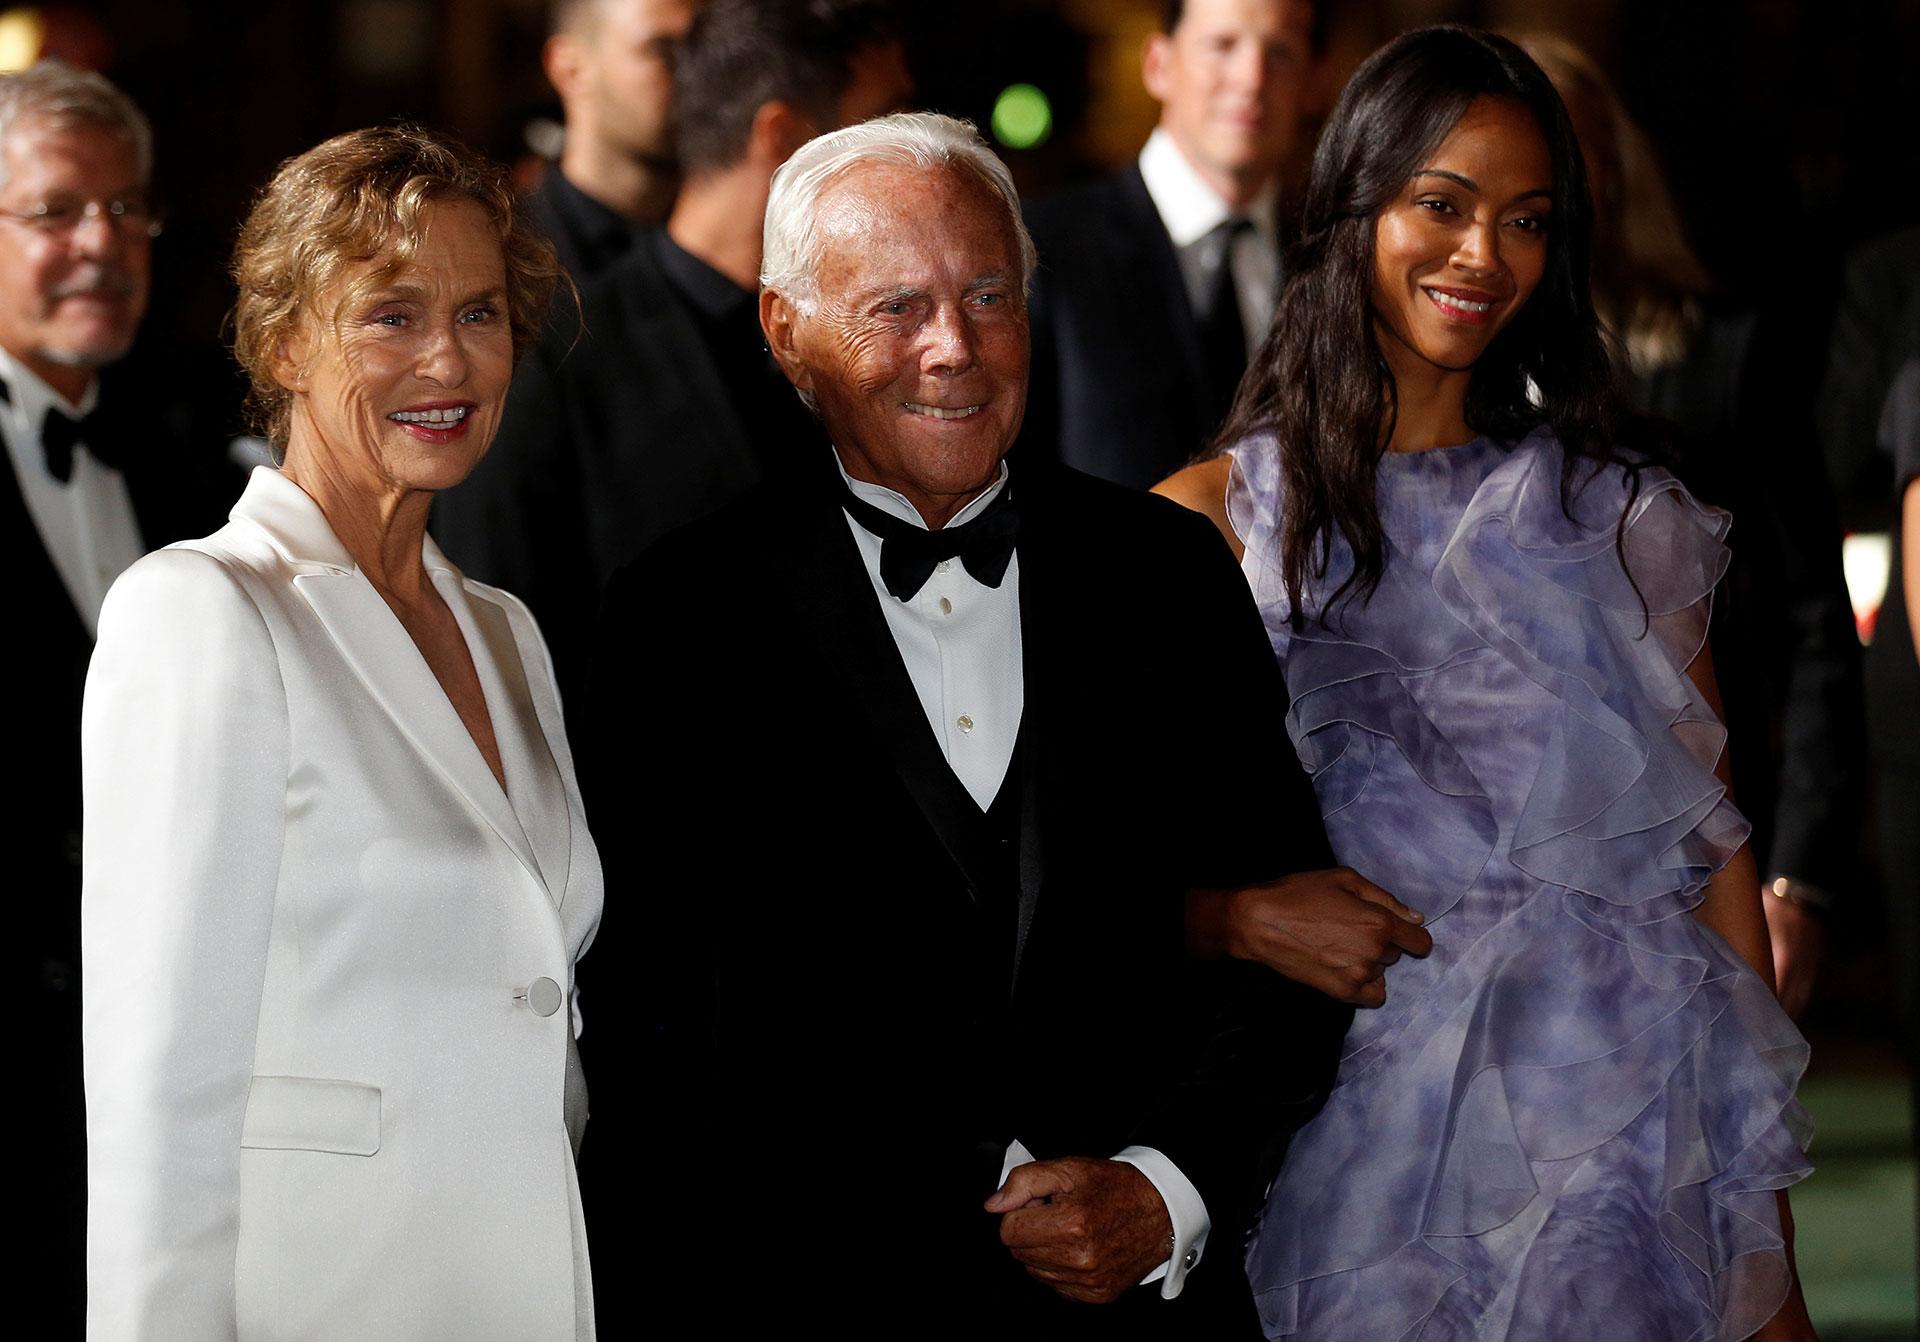 La actriz Lauren Hutton, el diseñador Giorgio Armani y la artista Zoe Saldana apoyando la moda sustentable, todos vestidos por la firma italiana (Reuters)